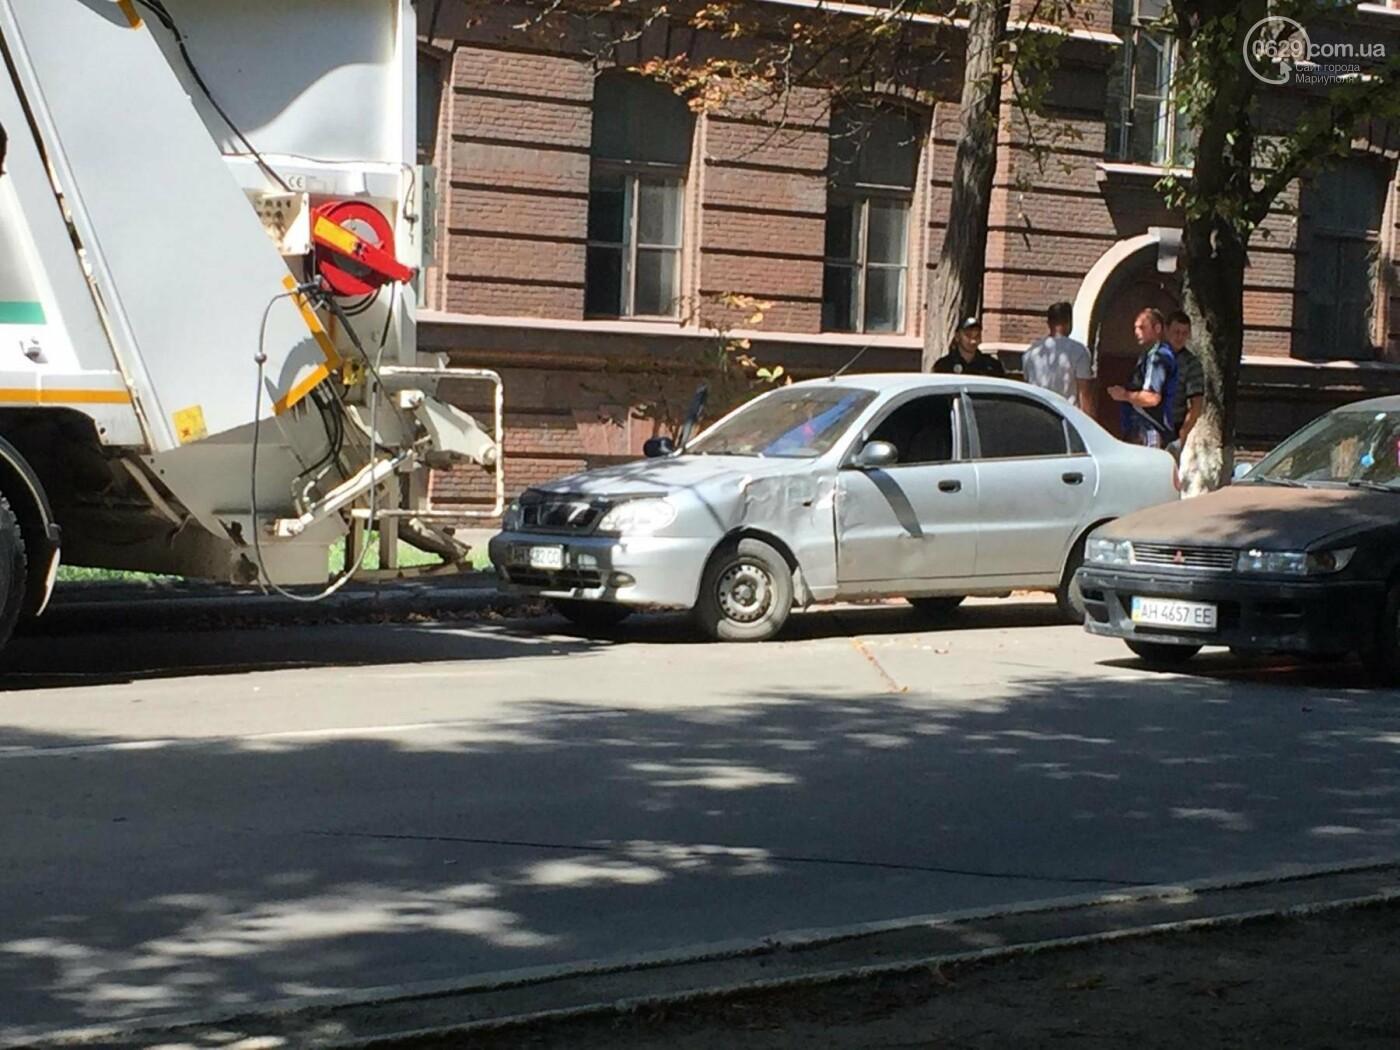 В центре Мариуполя мусоровоз задел легковушку, стоящую в пробке,- ФОТО, ВИДЕО, фото-2